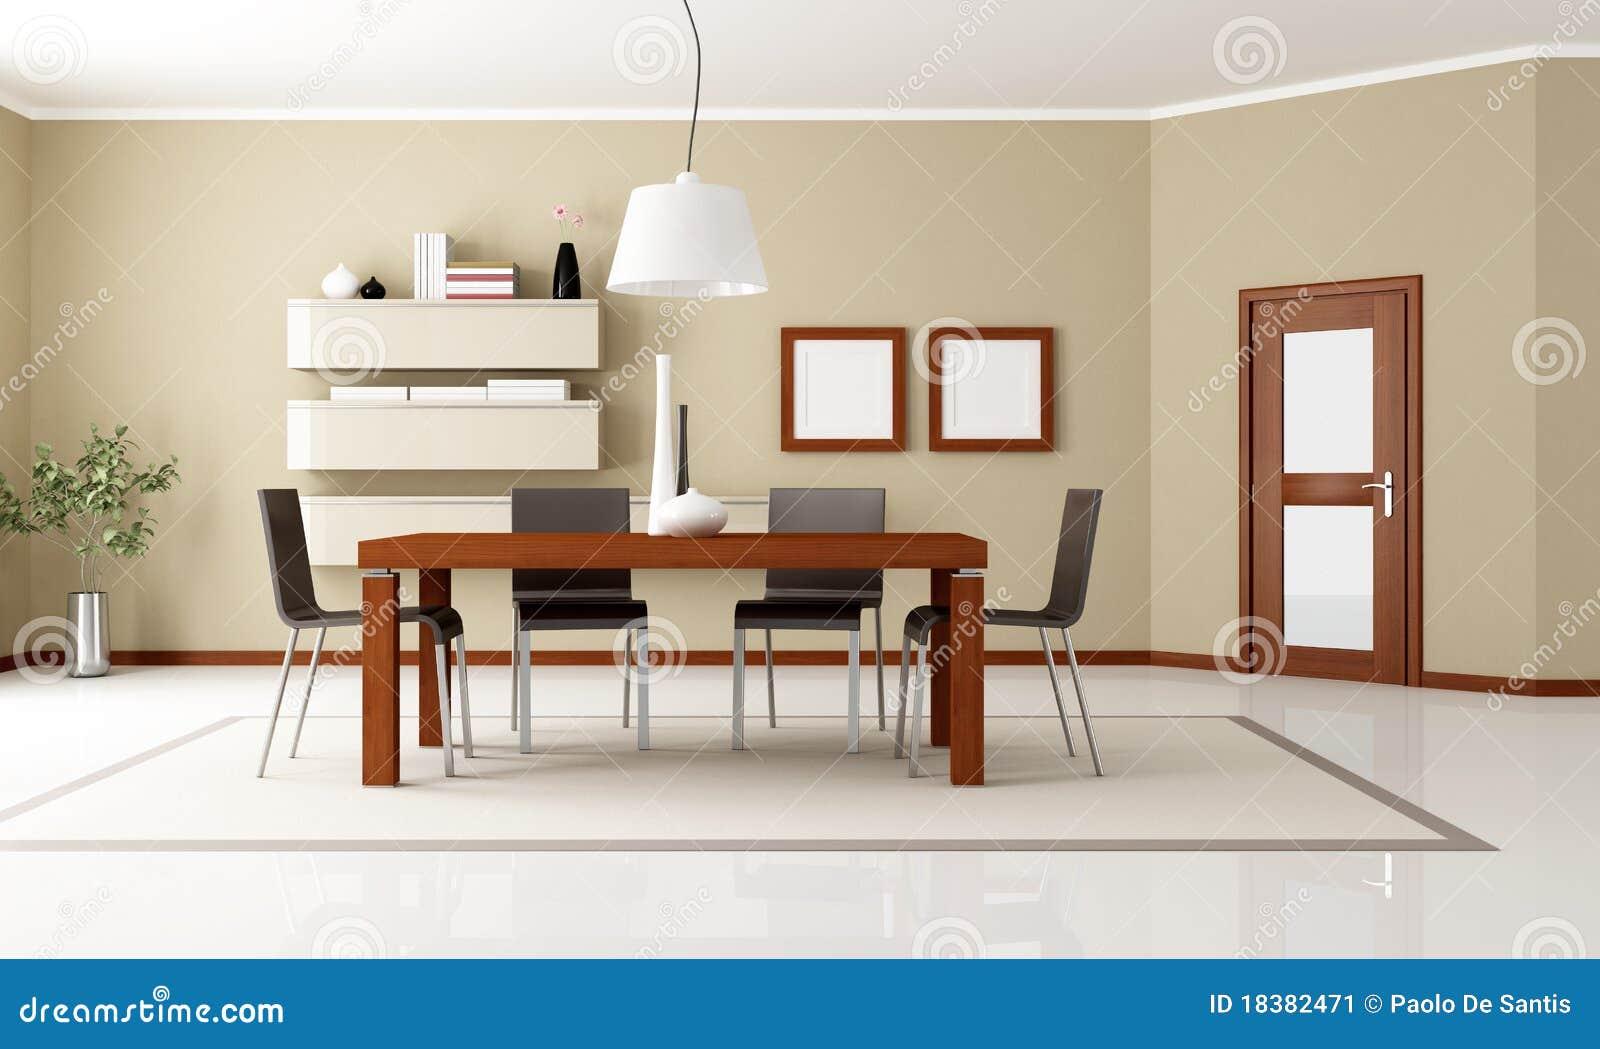 Sala de jantar moderna elegante ilustra o stock for Arredamento sala moderna